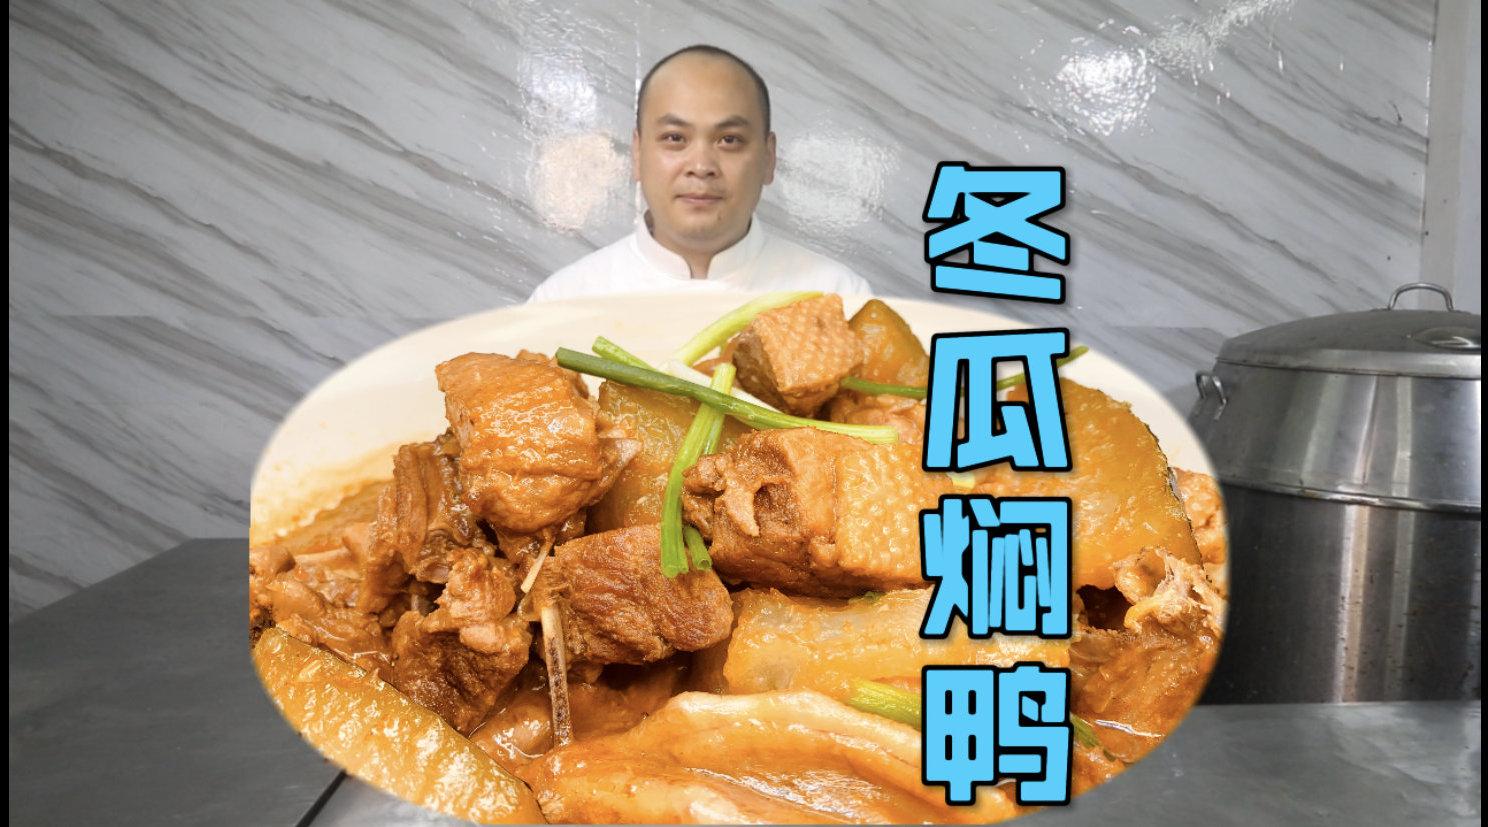 """大厨分享一道""""冬瓜焖鸭"""",鸭肉酥香且冬瓜软糯,非常鲜美,收藏吧"""